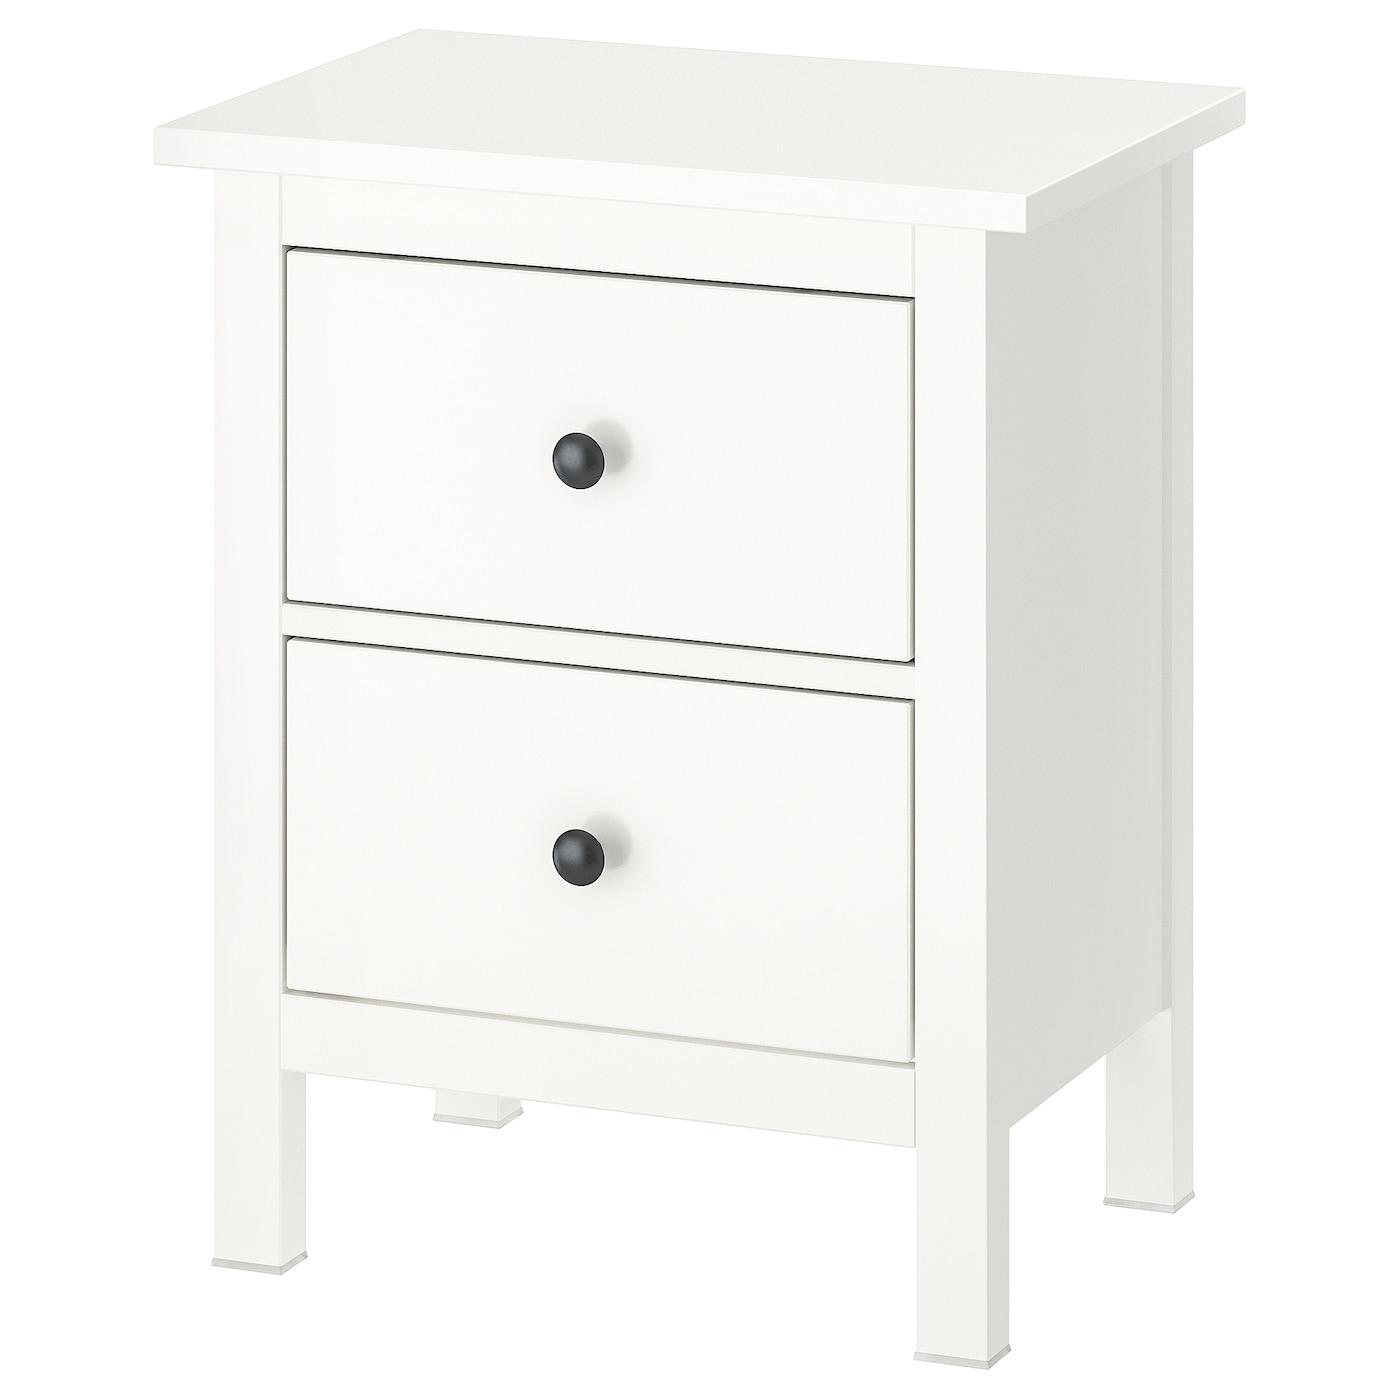 Hemnes c moda de 2 cajones blanco 54 x 66 cm ikea - Comoda hemnes 8 cajones ...